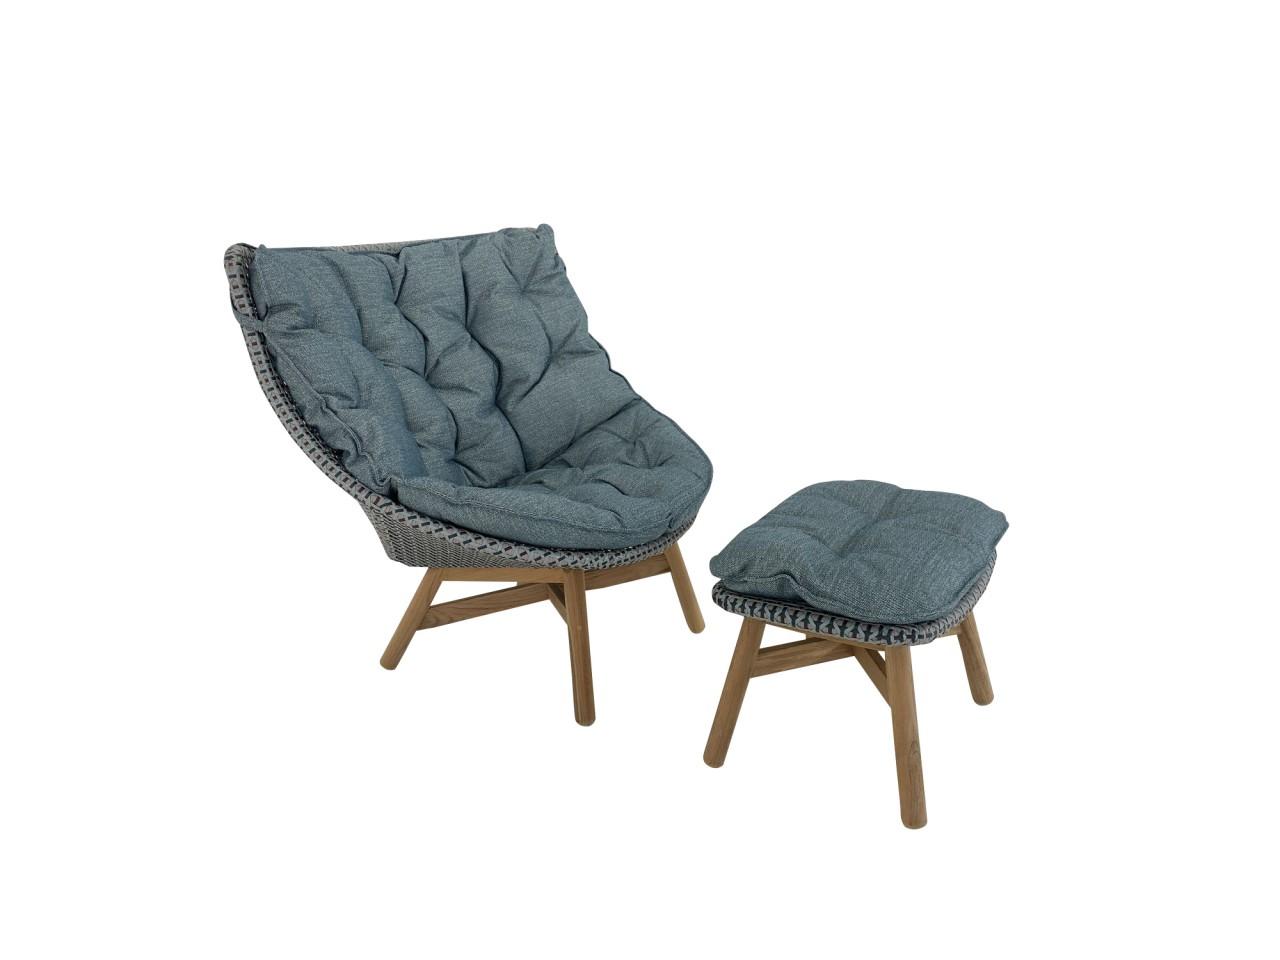 DEDON MBRACE WING CHAIR Hochlehner Sessel mit Hocker in baltic mit Polster und Kissen für Hocker